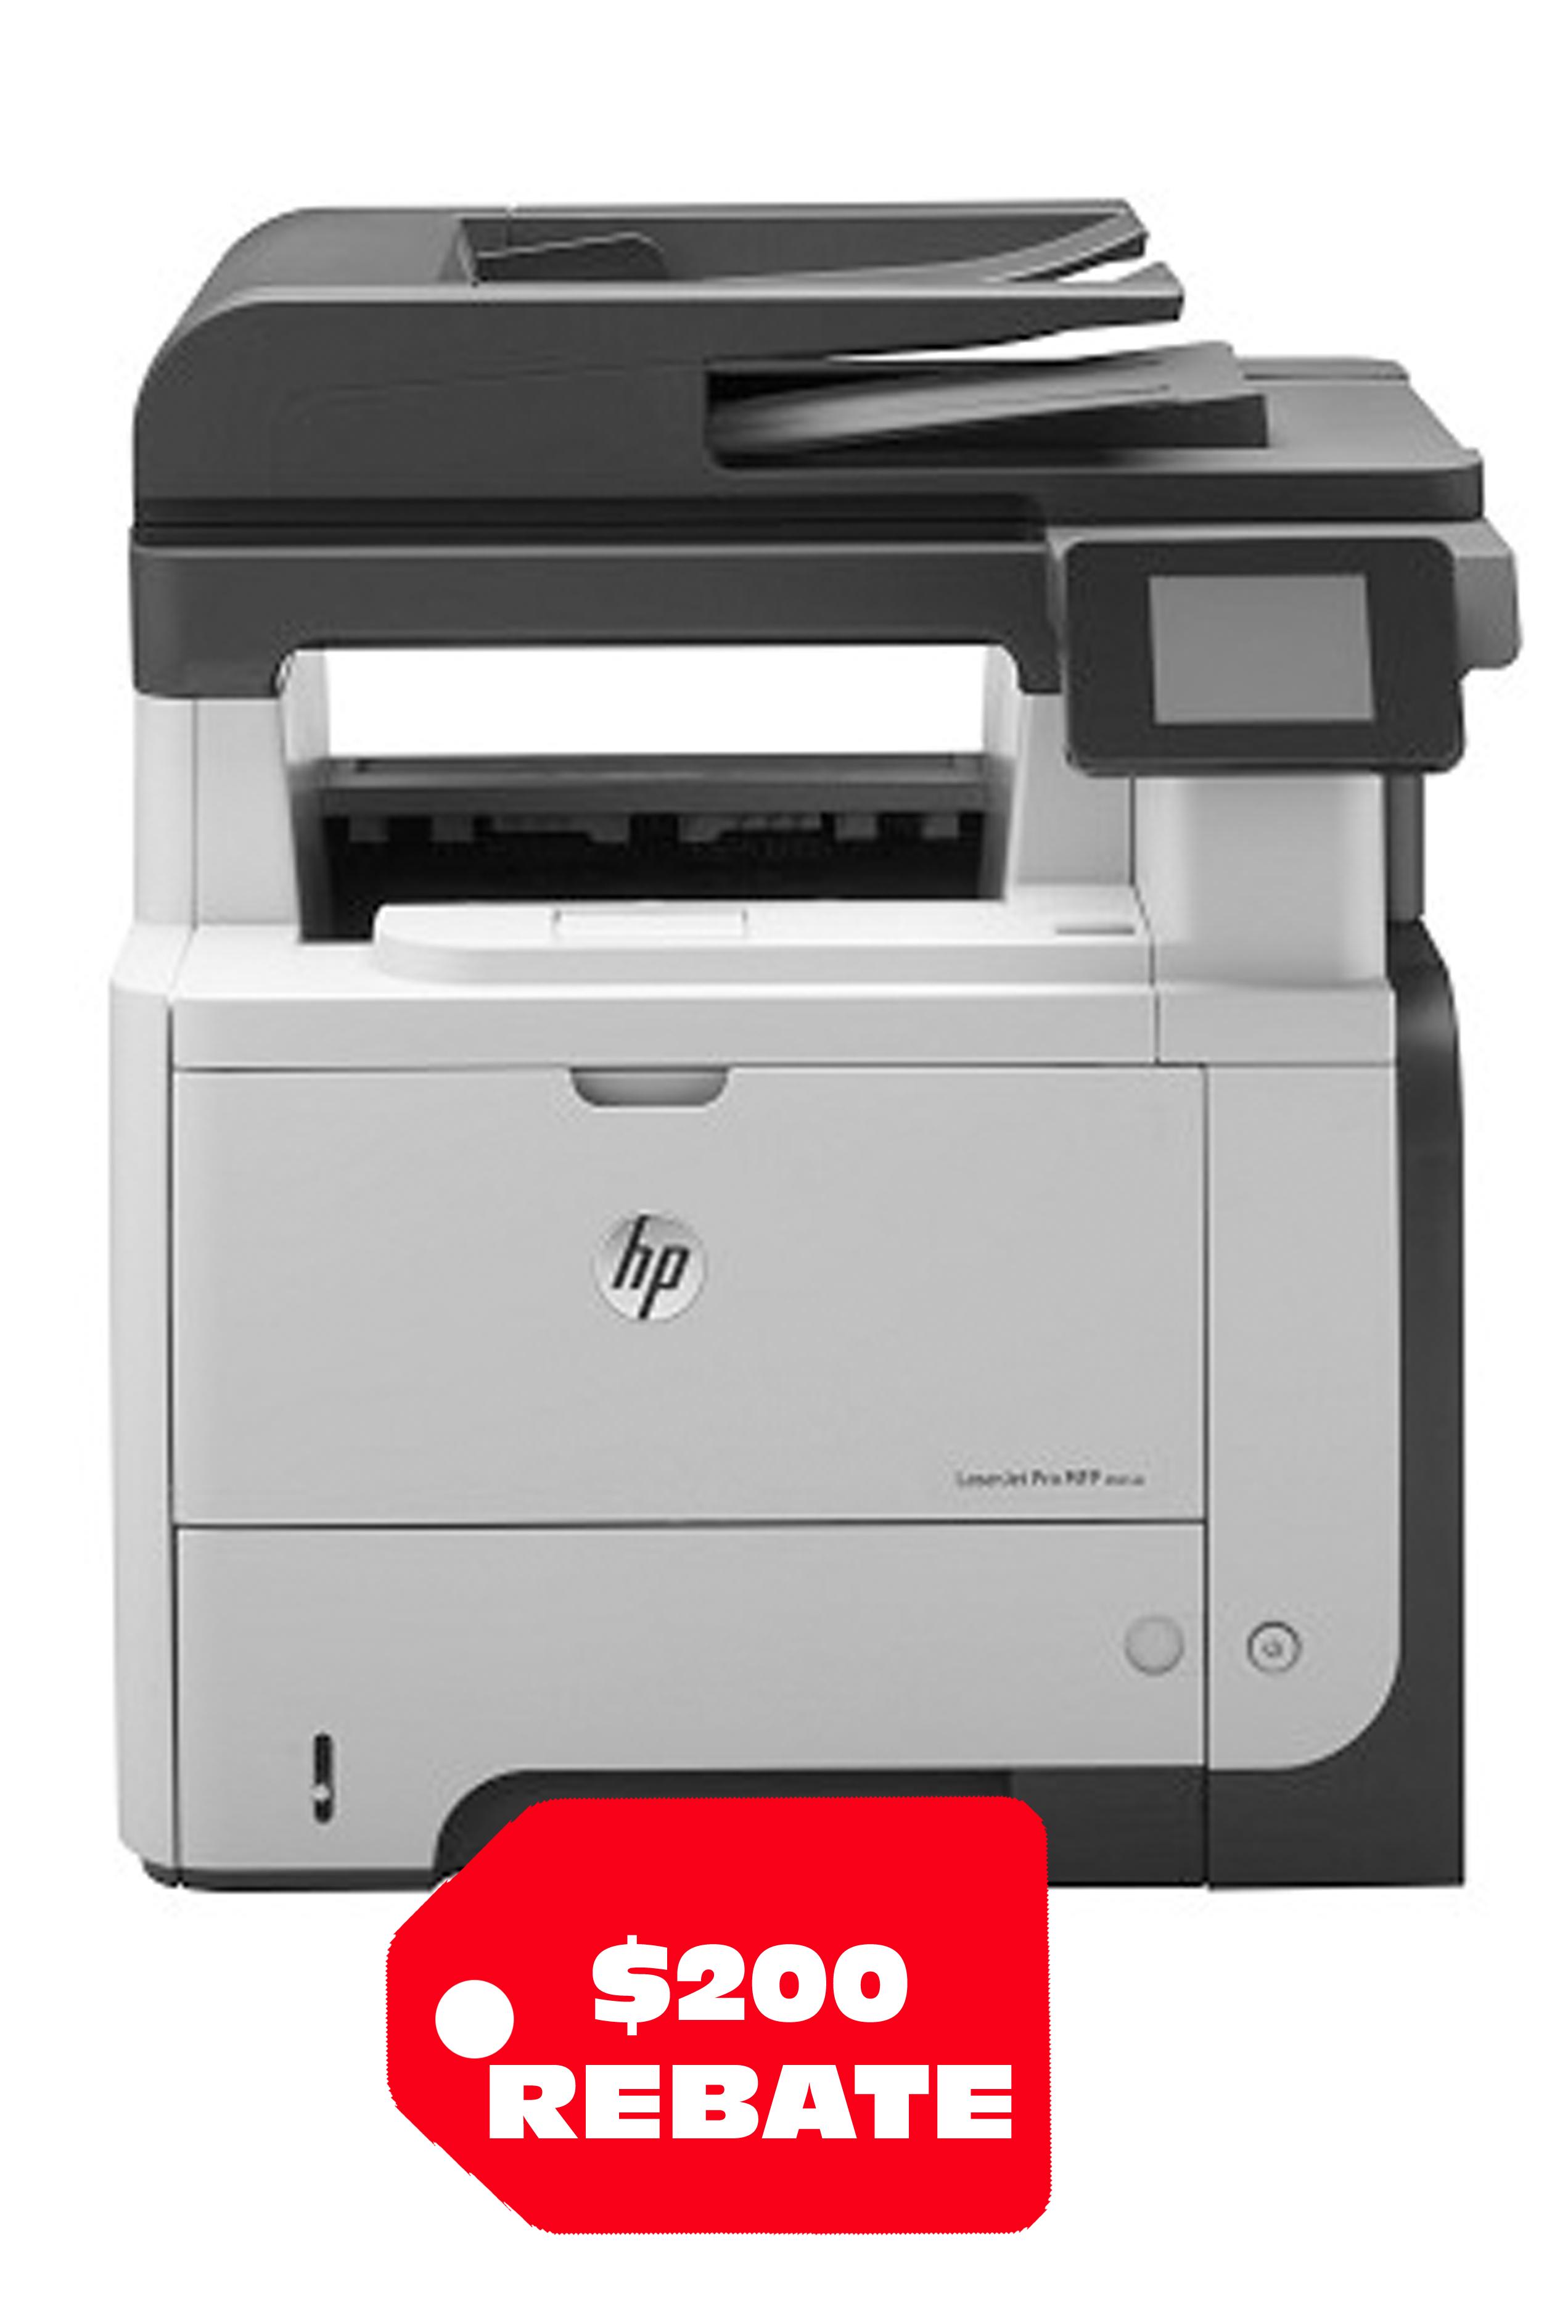 HP LaserJet Pro MFP M521dn (42PPM)